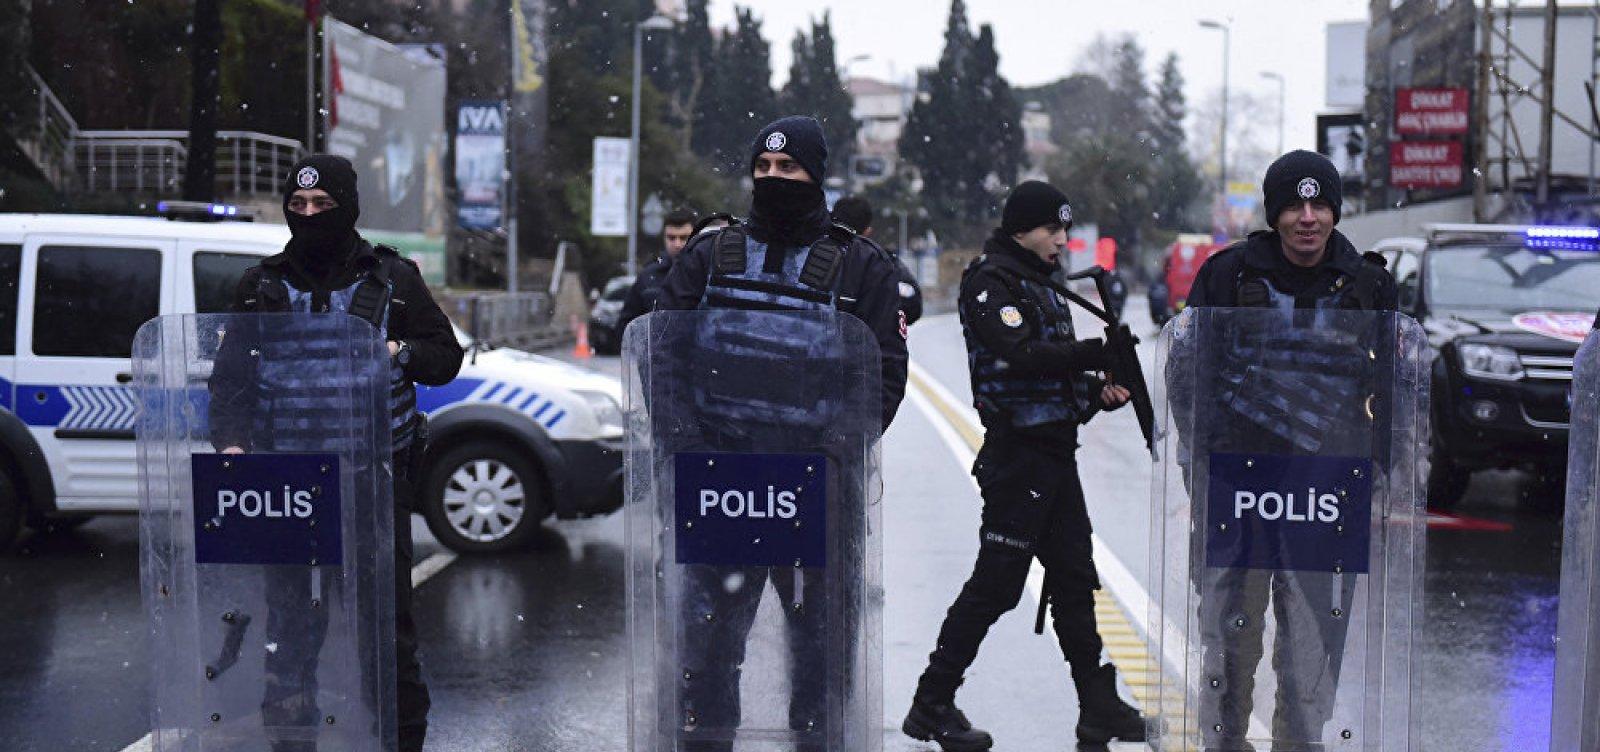 Turquia prende 24 suspeitos acusados de envolvimento com o Estado Islâmico